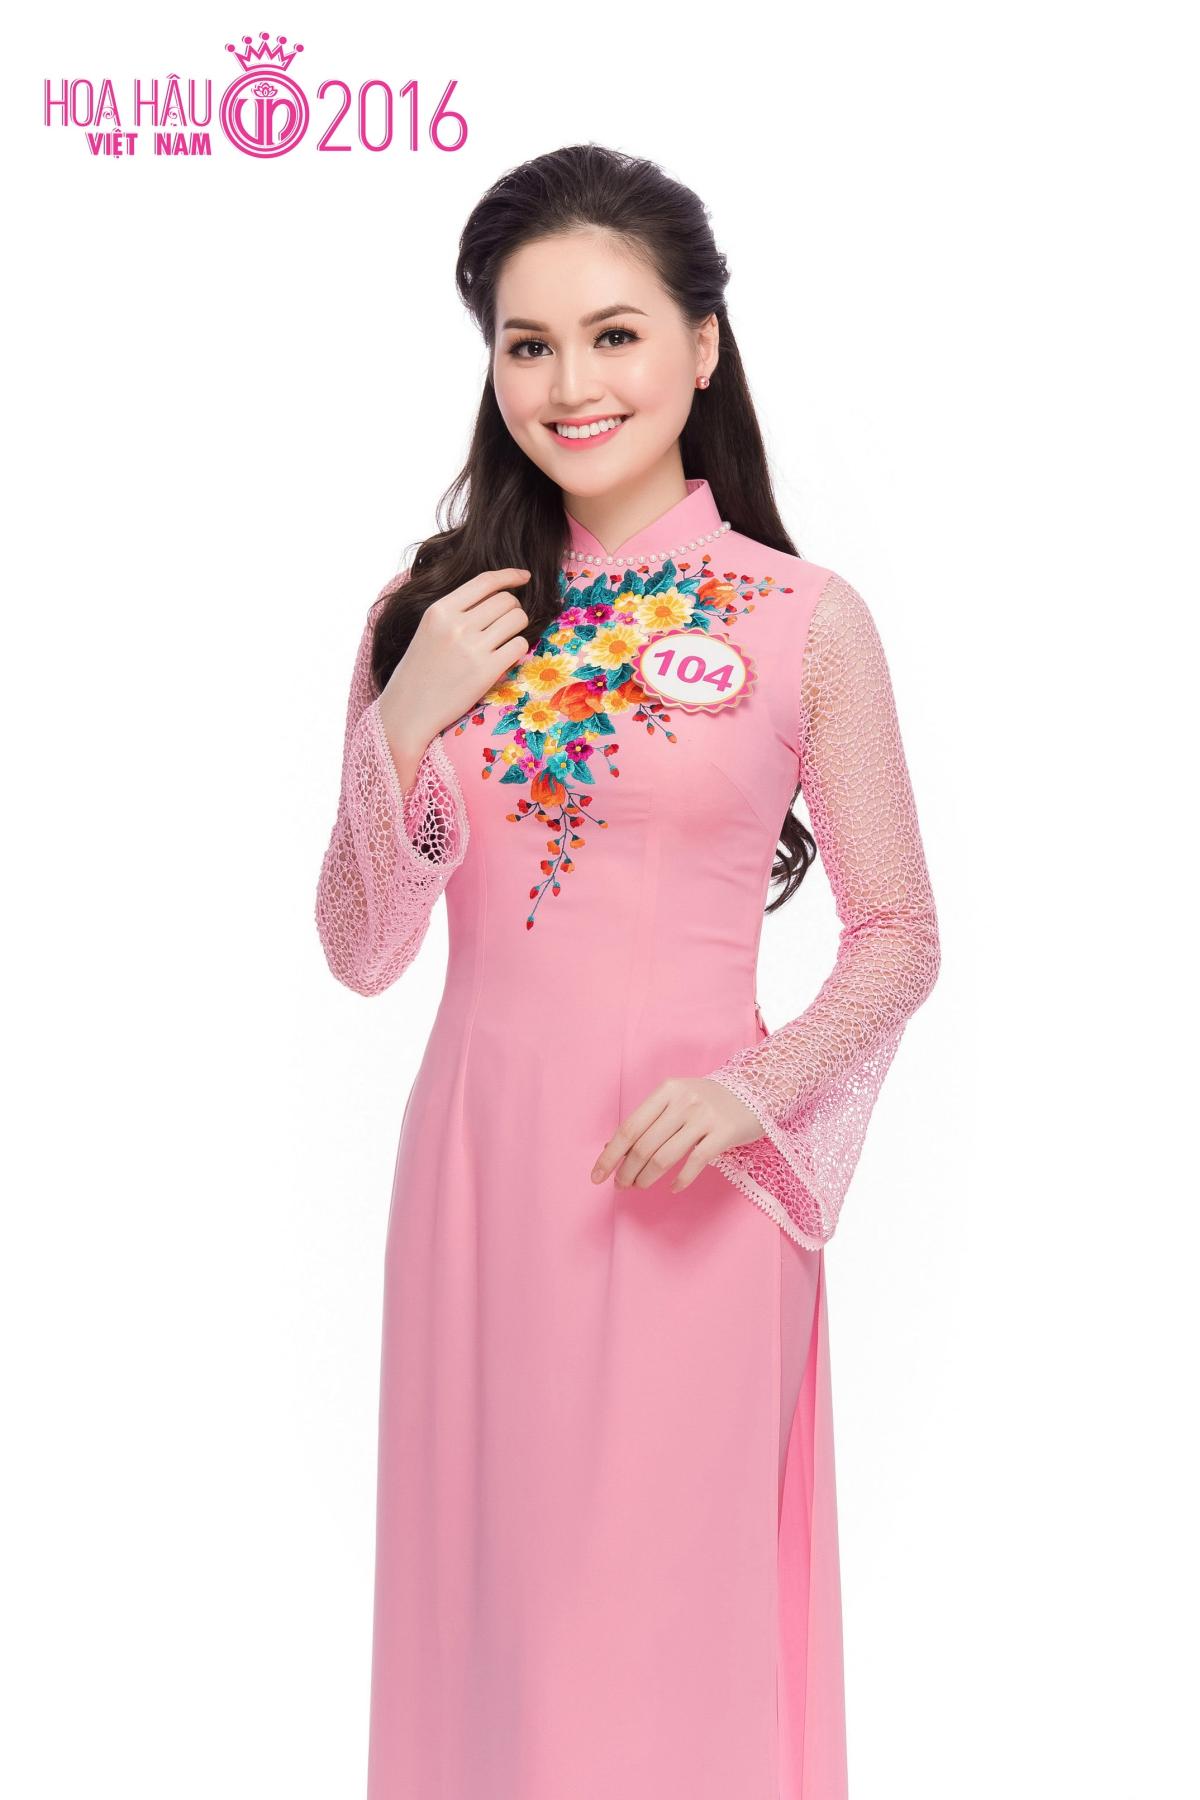 104 - Tran Thi Thu Hien 2